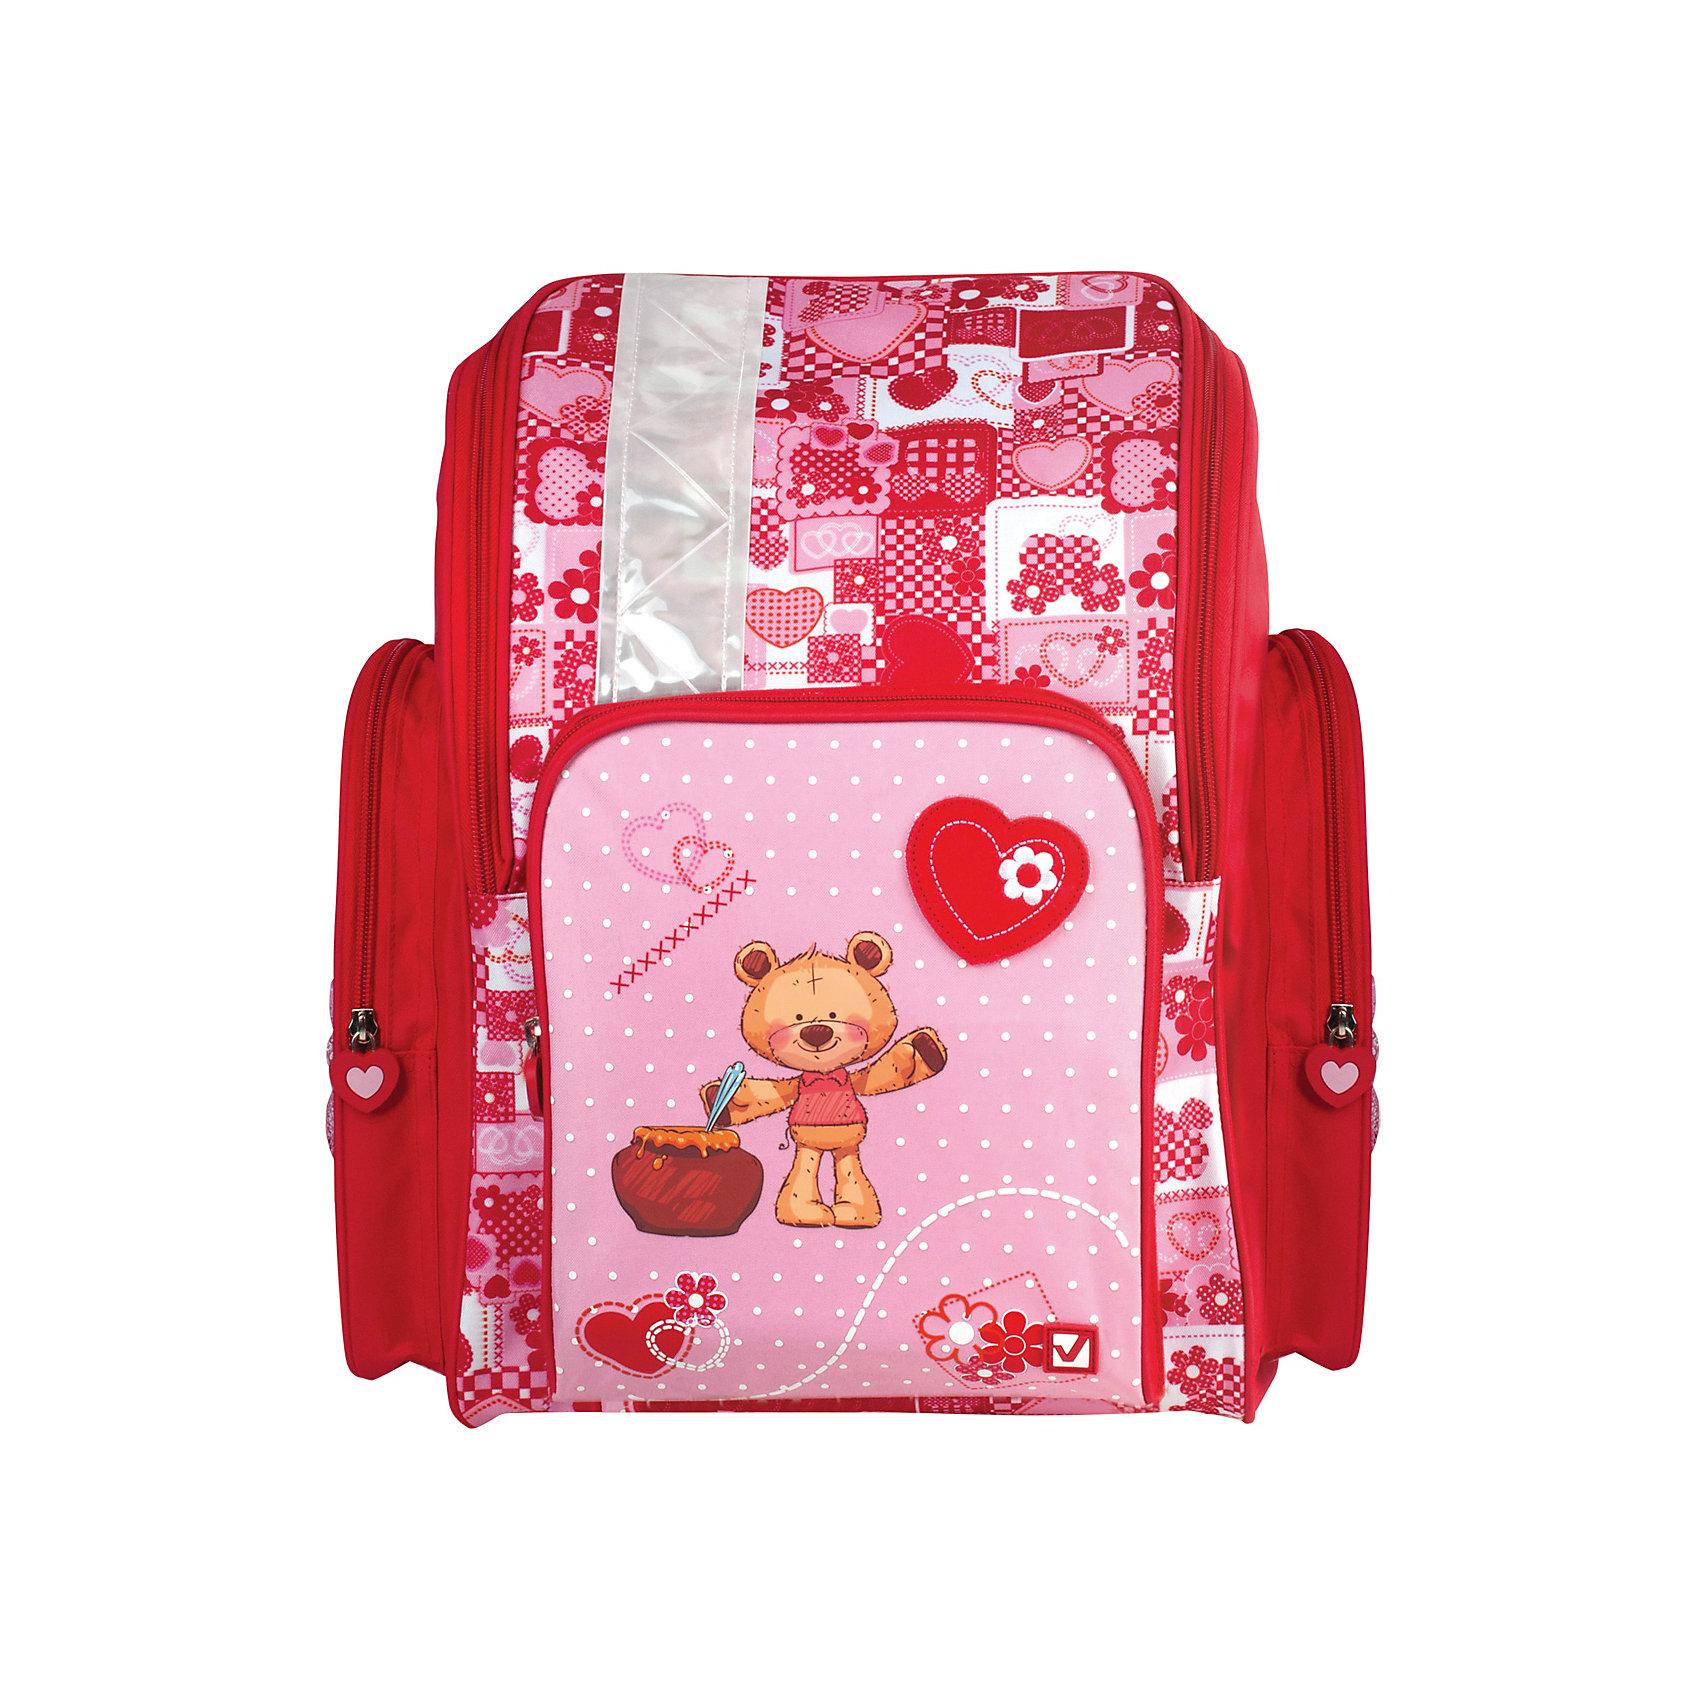 Ранец Brauberg Мишка без наполнения, 18 литровРанцы<br>Ранец Мишка предназначен для девочек 7-10 лет. Он выполнен в красно-розовом цвете и дополнен необычным принтом на карманах. Благодаря такой яркой расцветке, с этим ранцем ребенок всегда будет выглядеть нарядно и опрятно.•1 отделение, 3 кармана. •Формоустойчивая спинка из EVA. •Широкие регулируемые лямки. •Светоотражающие элементы с четырех сторон ранца. •Пластиковые ножки. •Вес ранца - 0,68 кг. •Размер - 36х26х14 см. •Объем - 18 л.<br><br>Ширина мм: 320<br>Глубина мм: 500<br>Высота мм: 65<br>Вес г: 680<br>Возраст от месяцев: 72<br>Возраст до месяцев: 2147483647<br>Пол: Женский<br>Возраст: Детский<br>SKU: 6893733